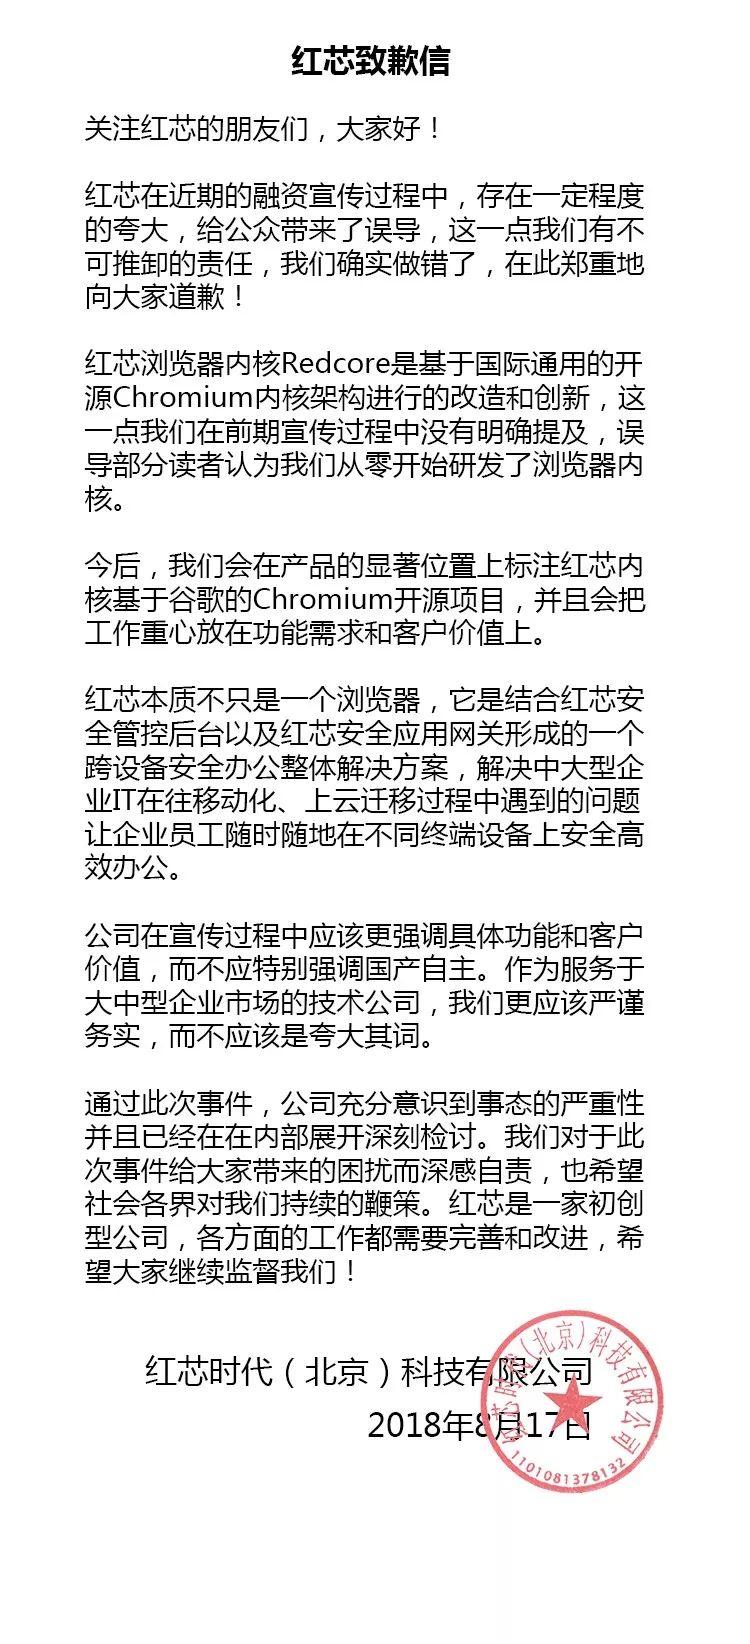 红芯浏览器发致歉信:宣传中存在夸大,不应特别强调国产自主